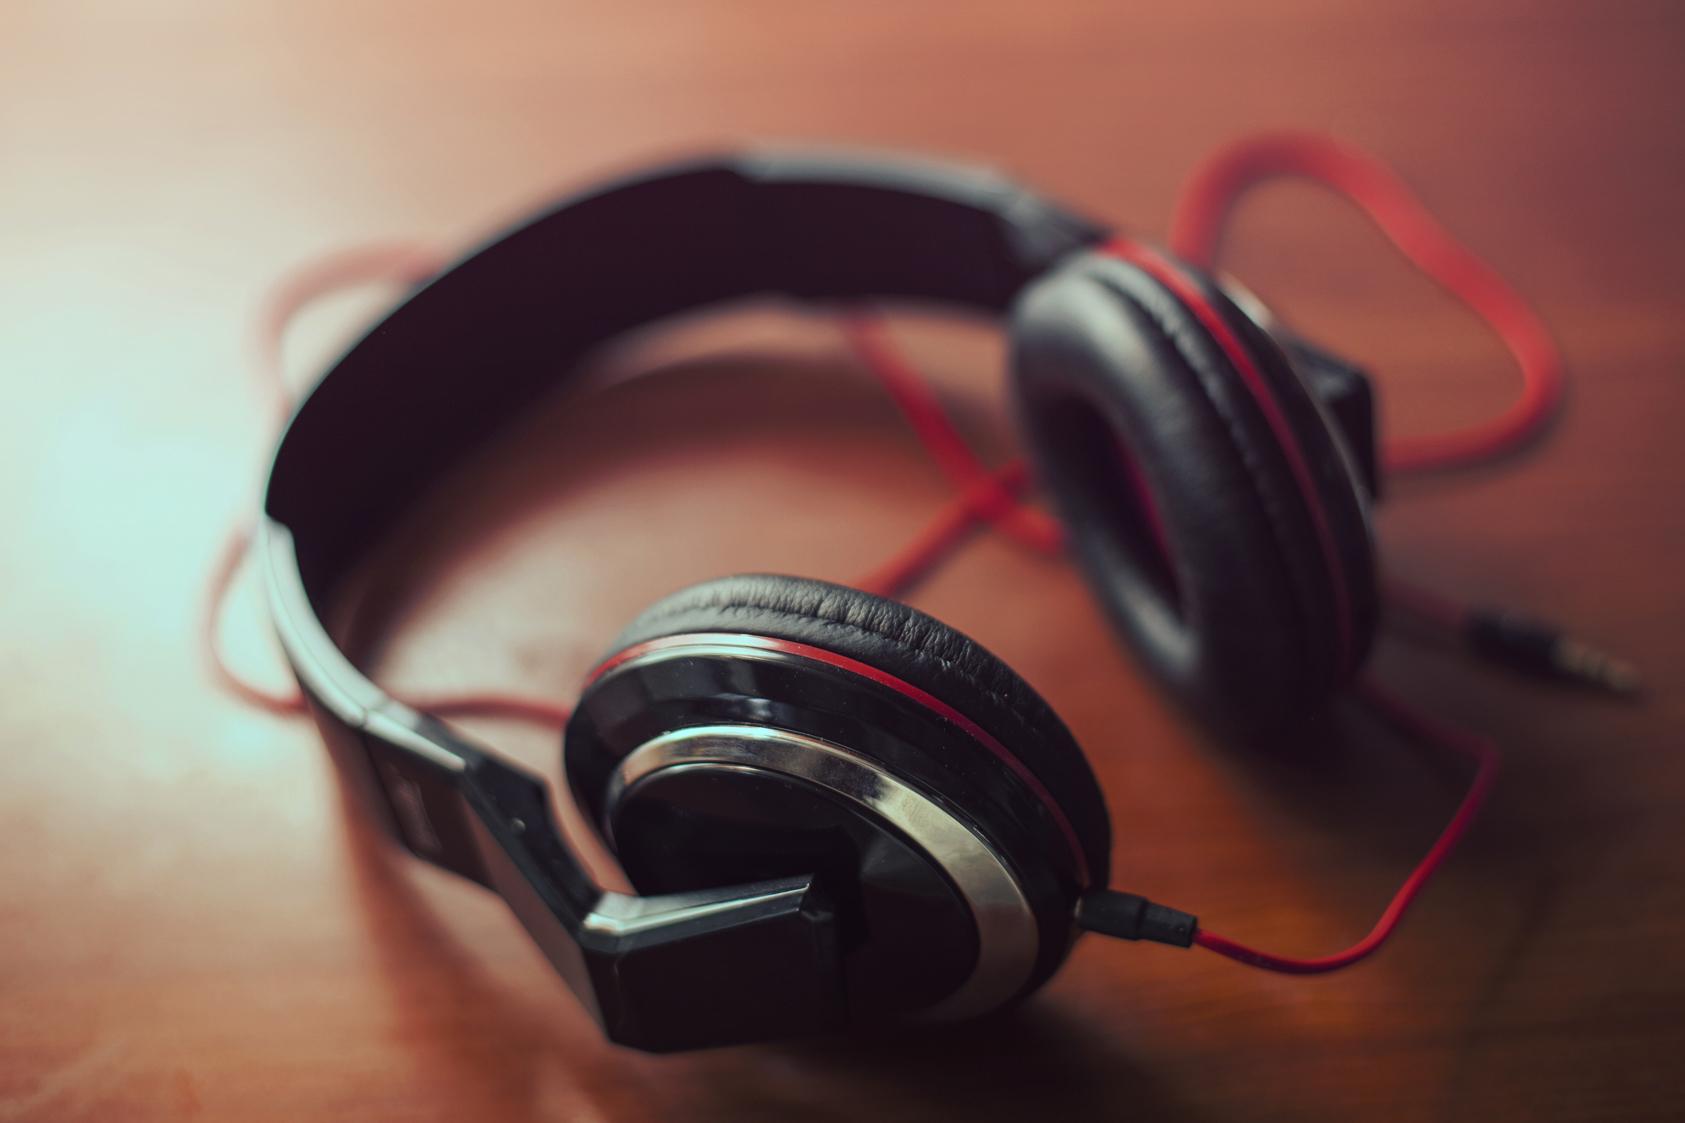 Música boa nunca fica velha